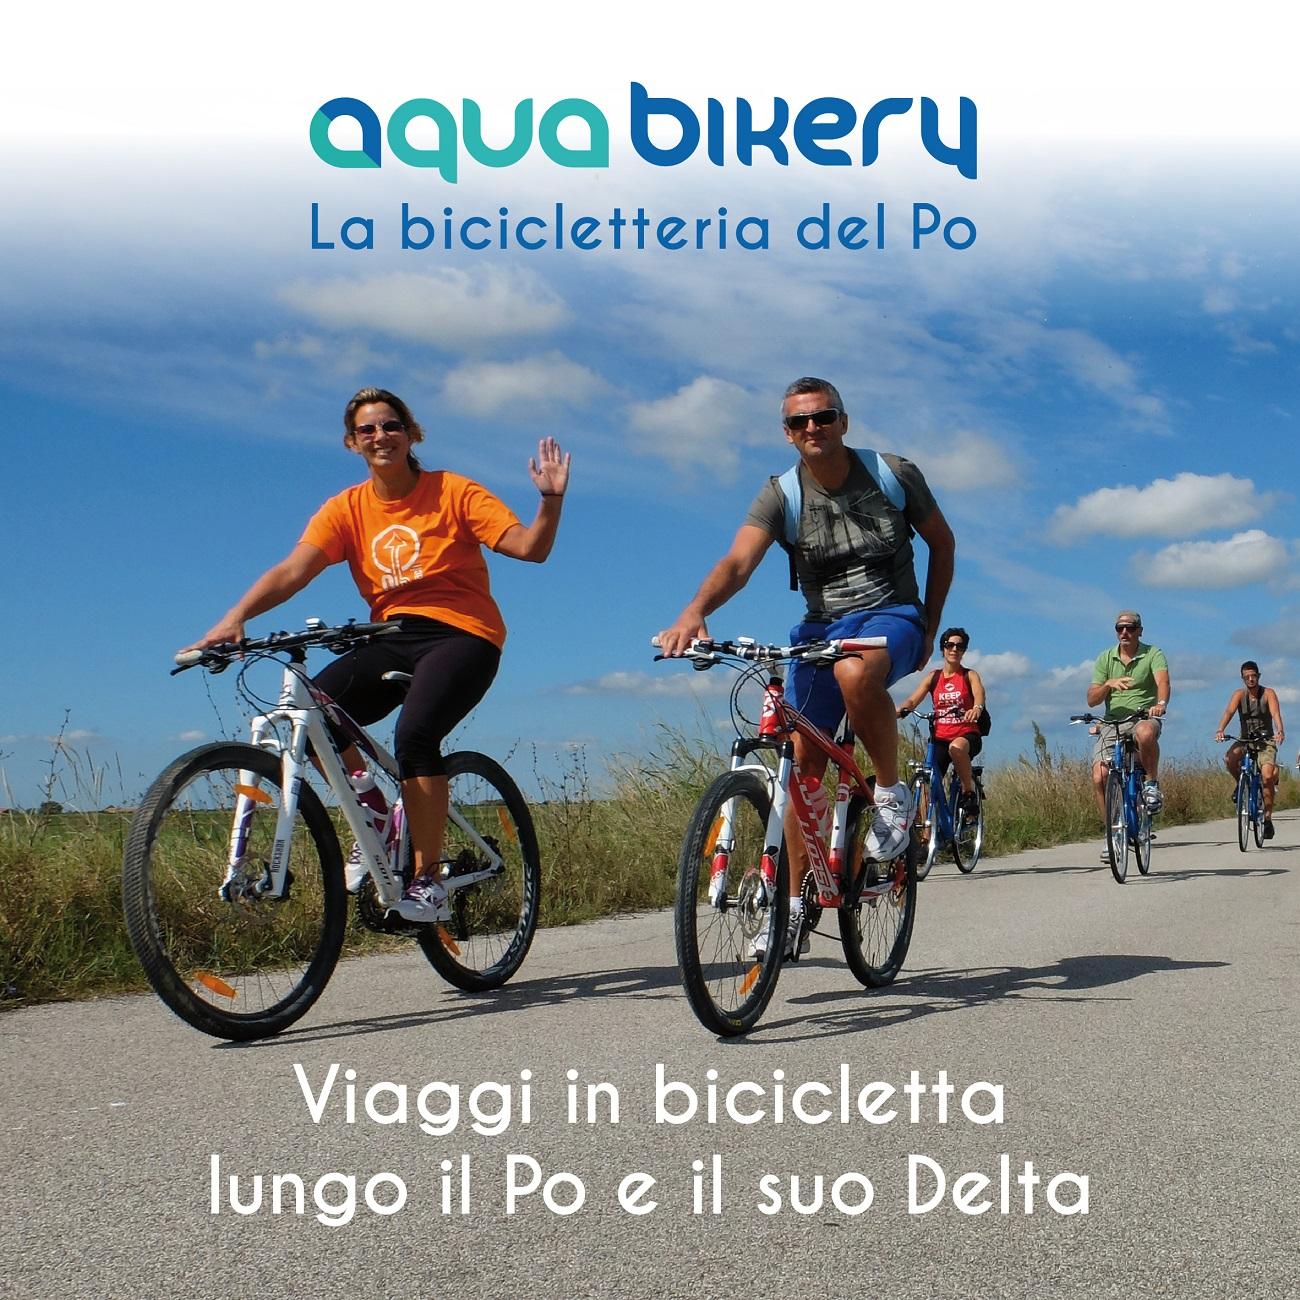 AQUABIKERY la bicicletteria del Po